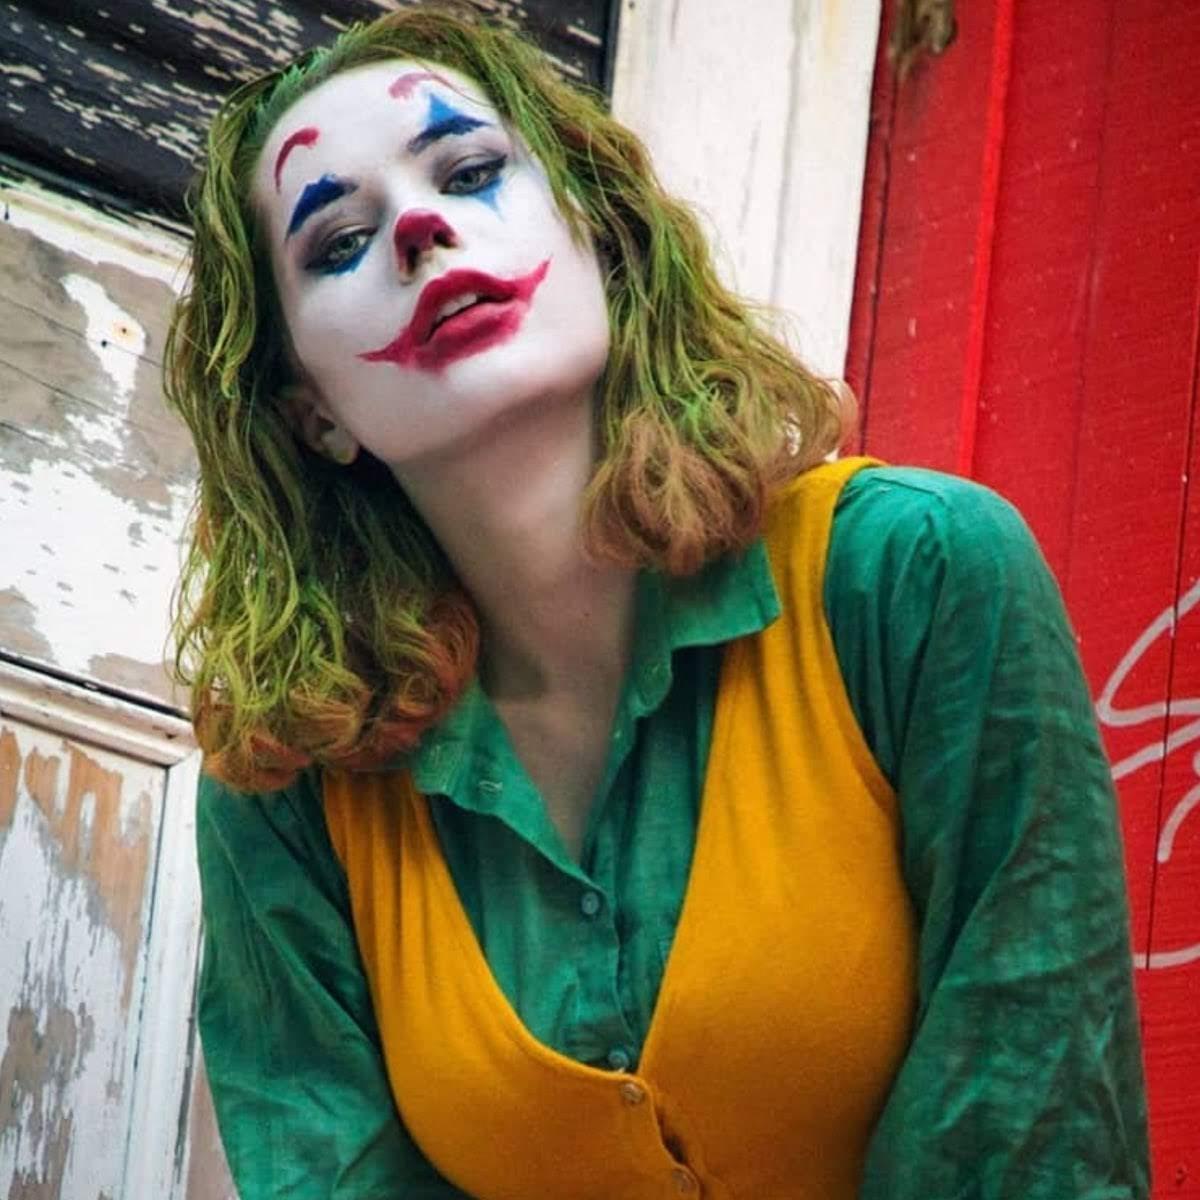 Nic the Pixie as Joker : ホアキン・フェニックス主演「ジョーカー」の女版のコスプレ ! !